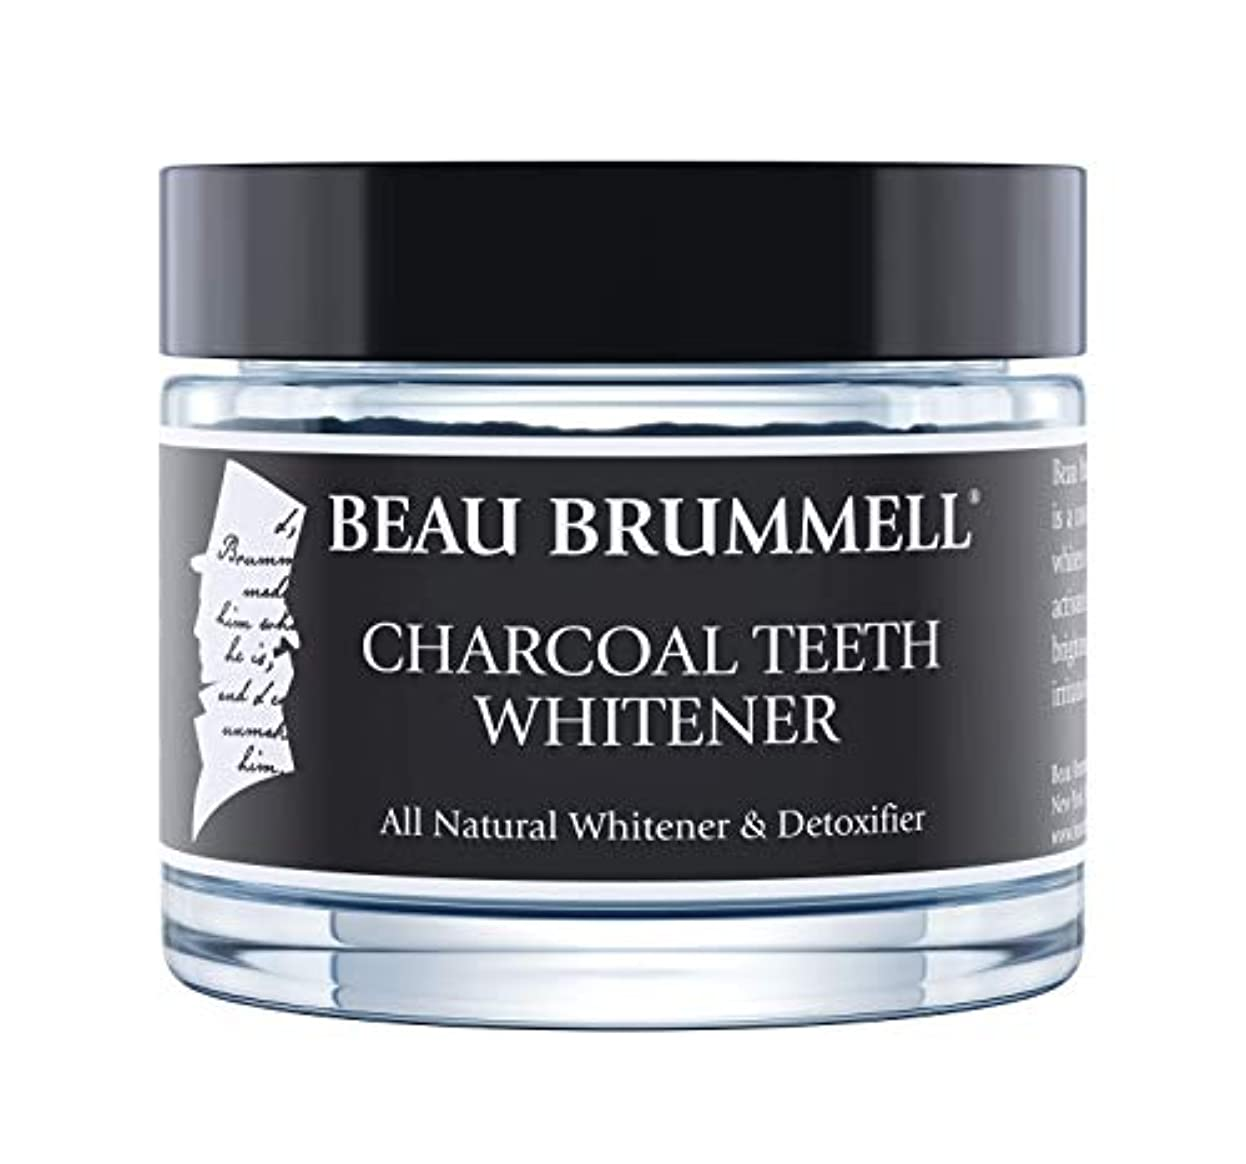 寄託報酬思春期のBeau Brummell チャコール歯ナーナチュラル炭オーガニックココナッツ炭グレードホワイトニングパウダーを活性化